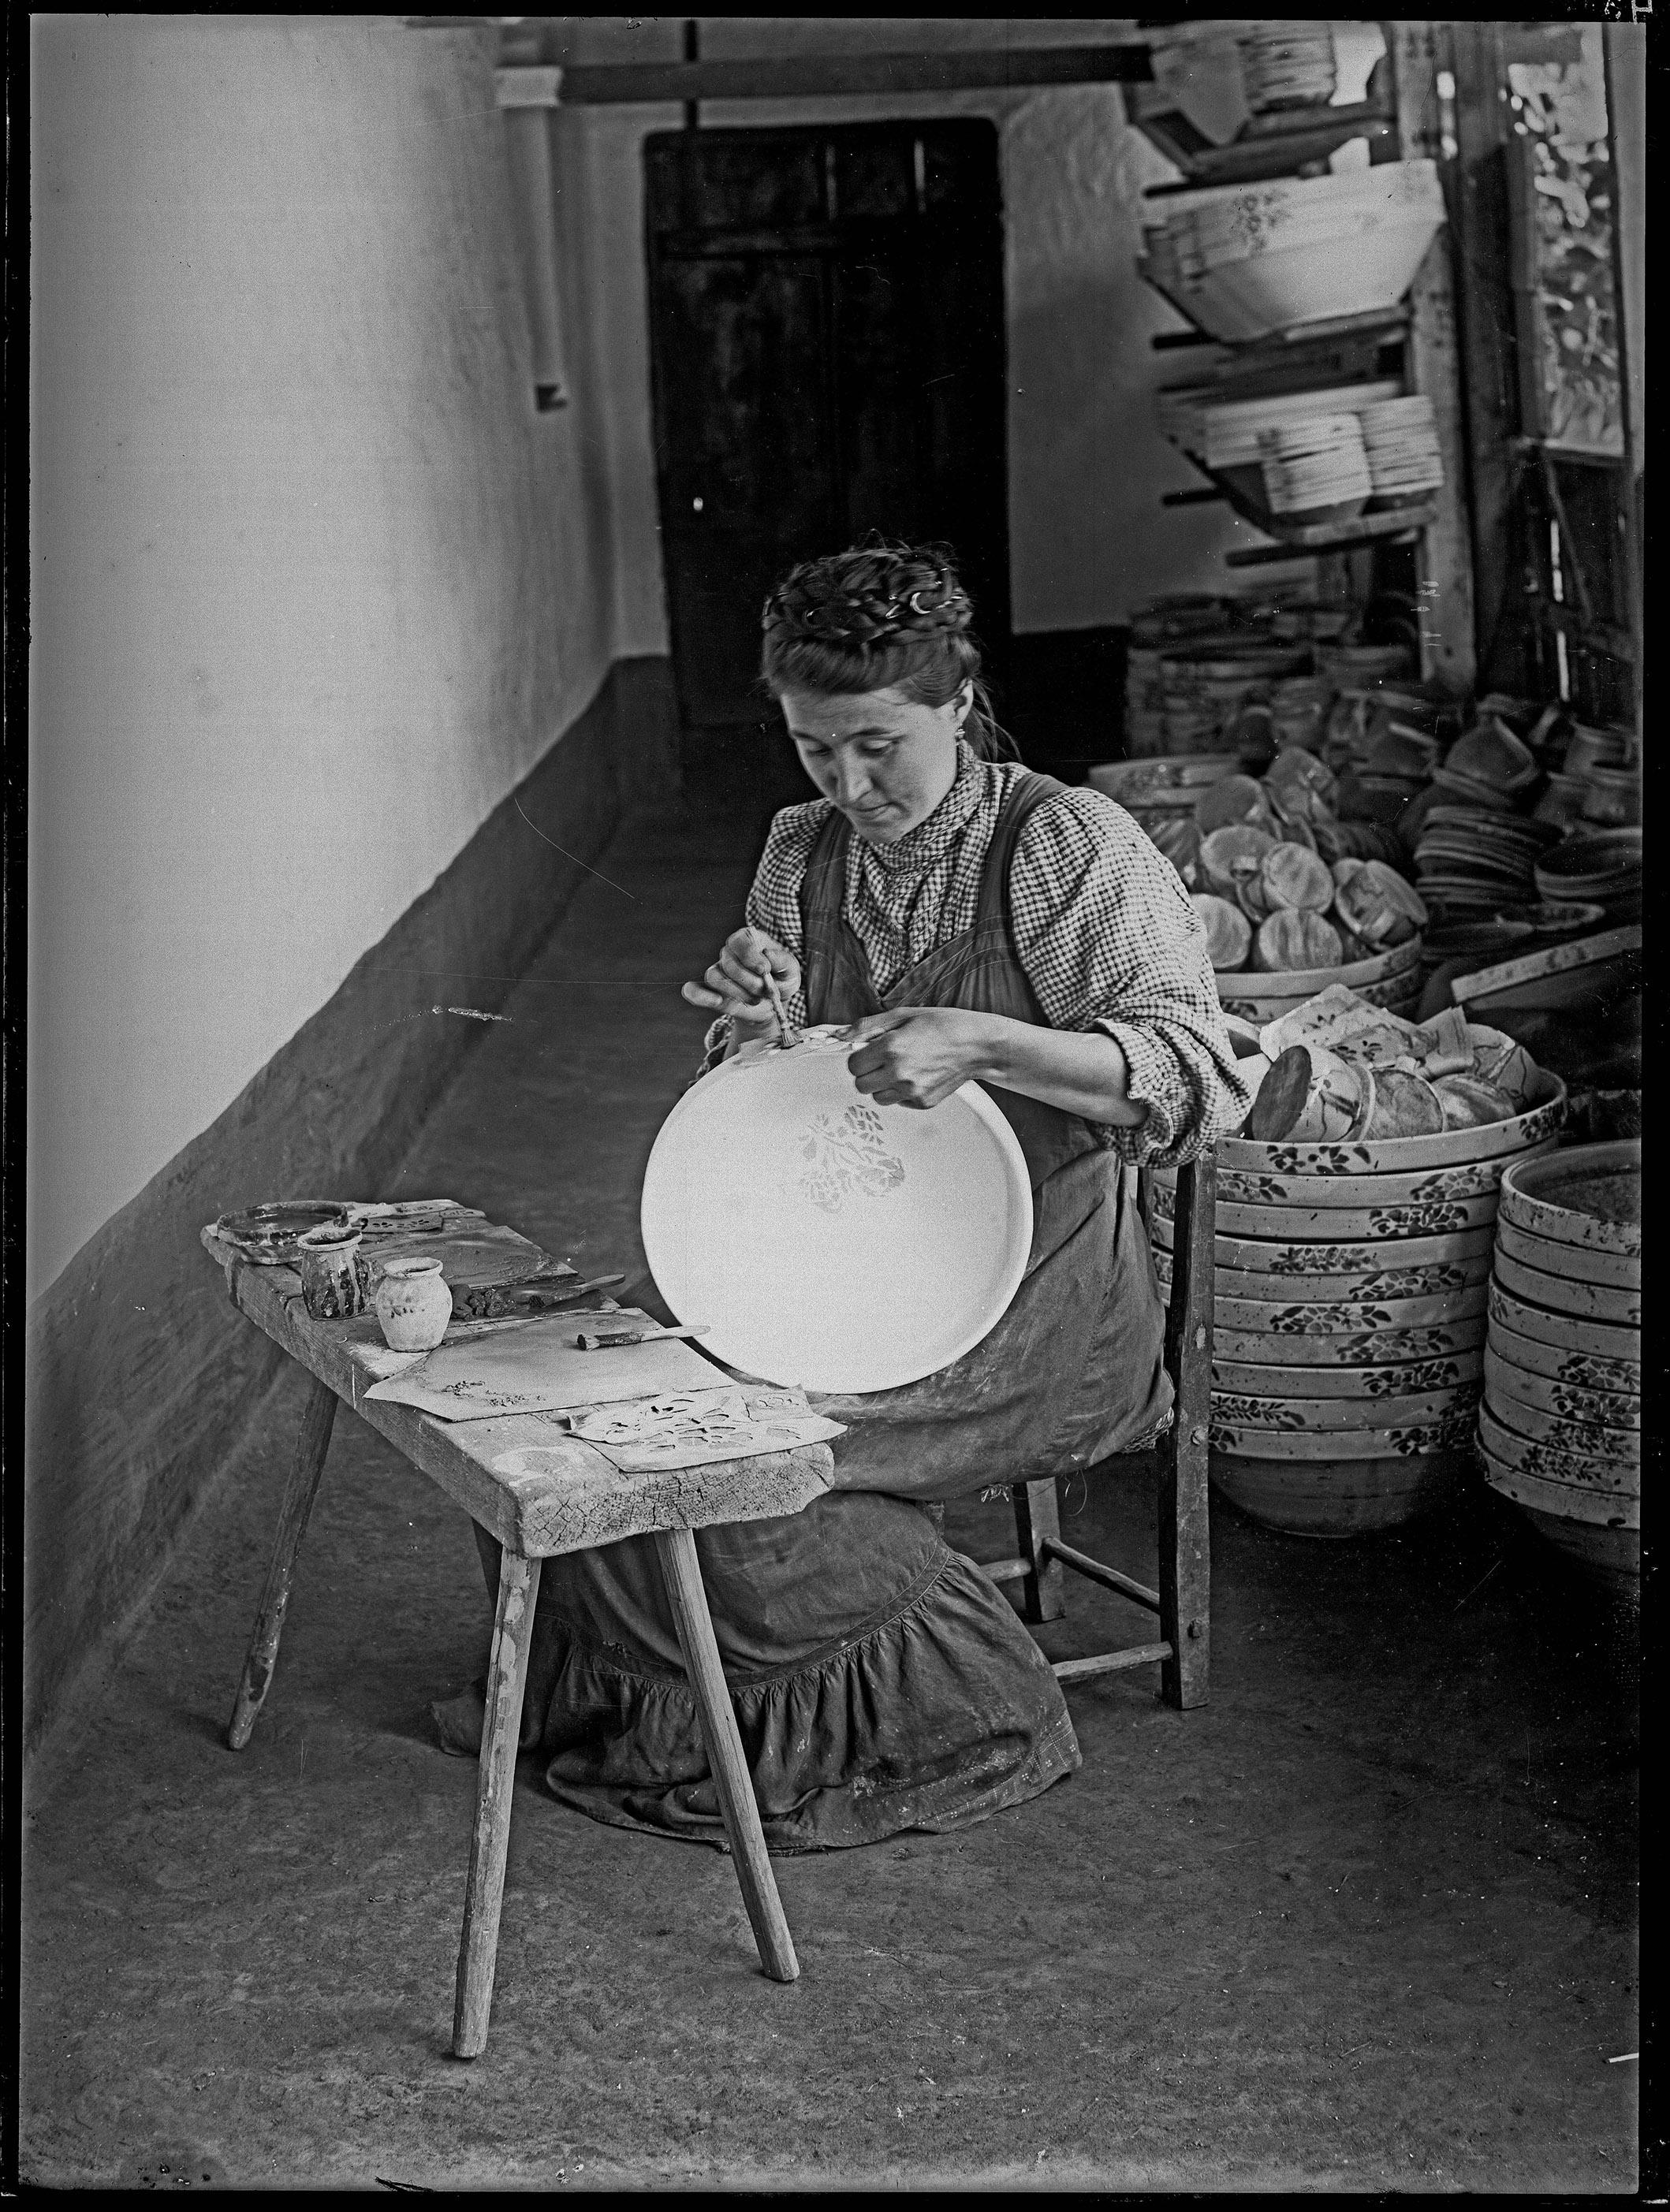 Fotó: Plohn József: Tálat írókázó nő. © Tornyai János Múzeum gyűjteménye, Hódmezővásárhely